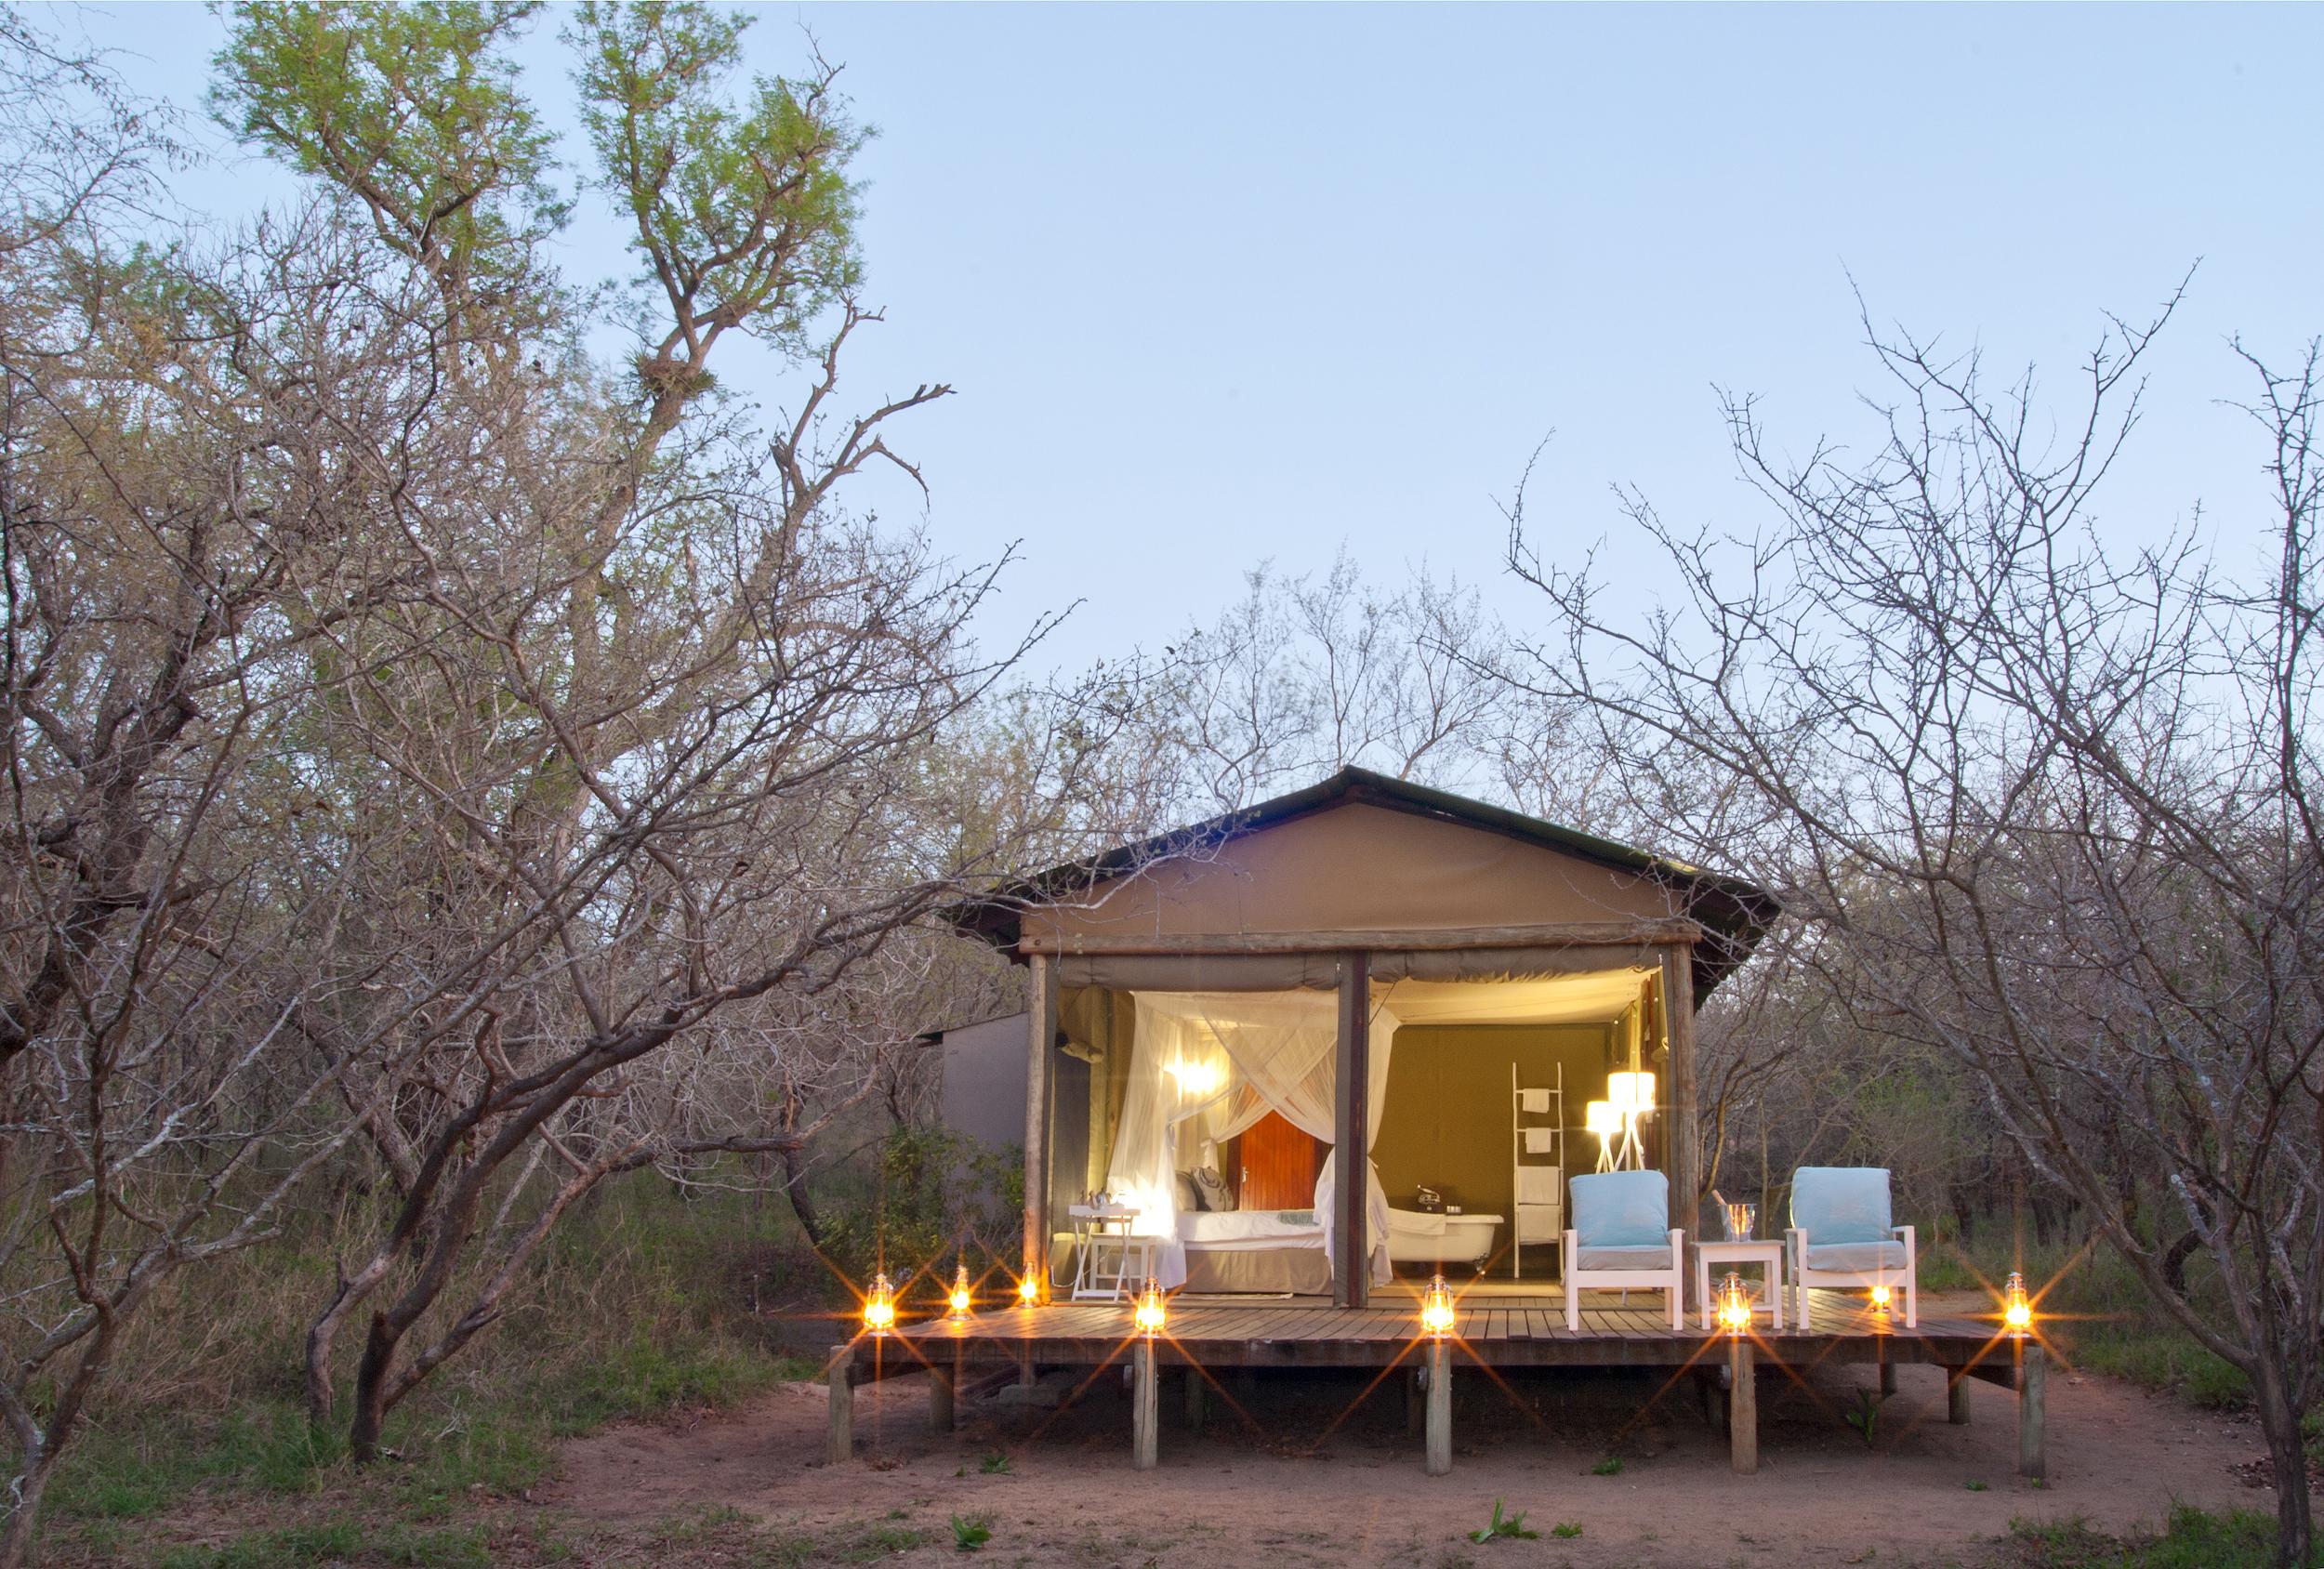 Ngama Tented Safari Lodge | Hoedspruit accommodation |Kruger National Park Accommodation | Limpopo Accommodation & Ngama Tented Safari Lodge | Hoedspruit accommodation |Kruger ...